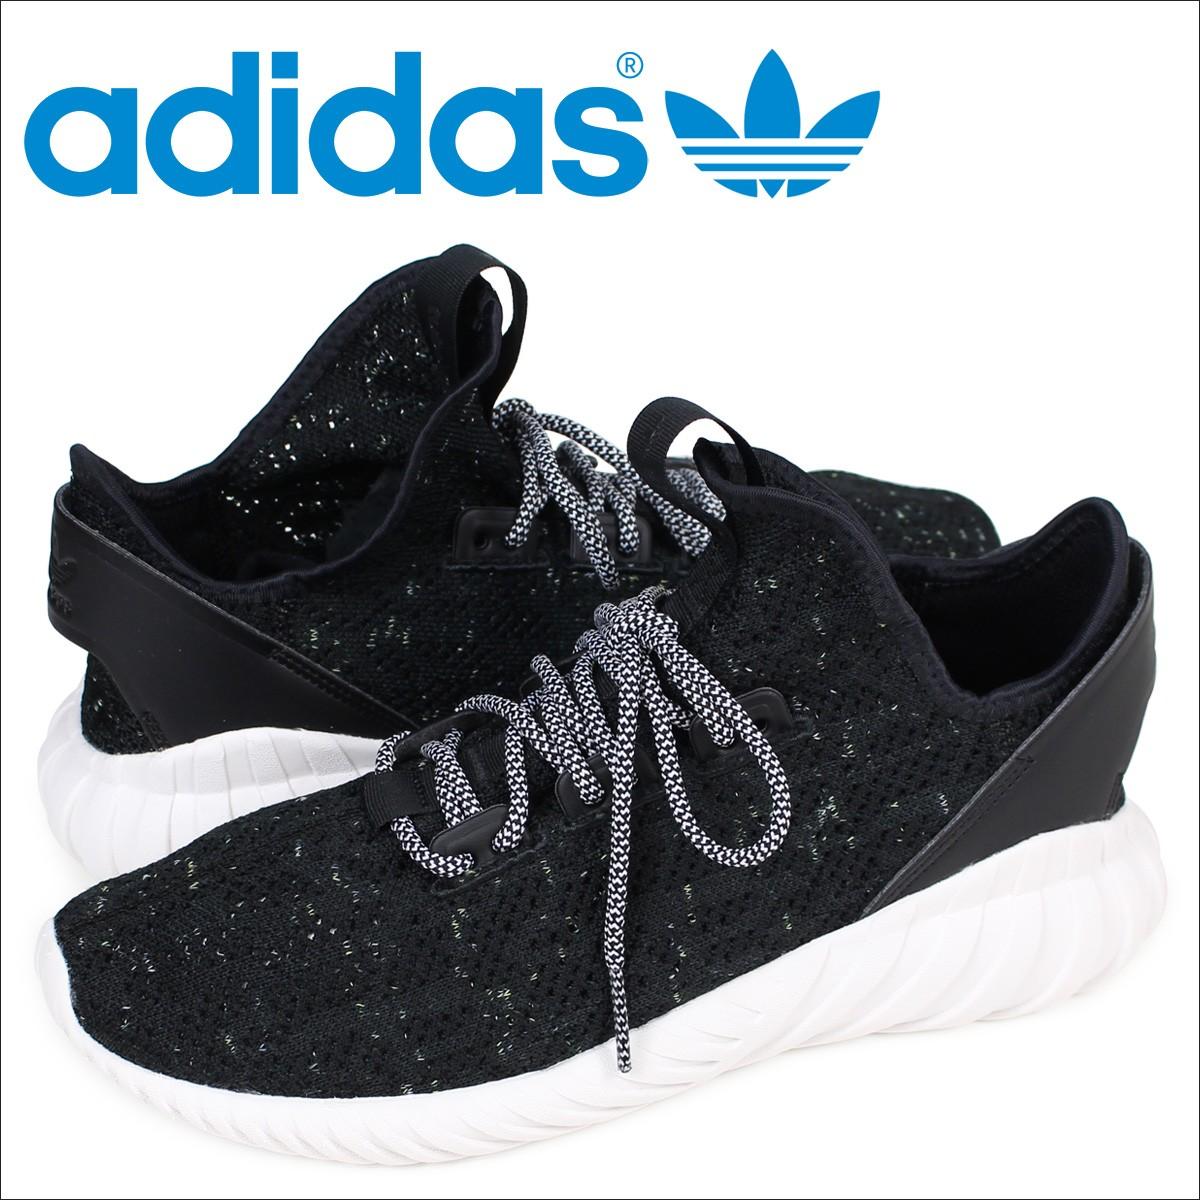 アディダス チューブラー adidas Originals スニーカー チュブラー TUBULAR DOOM SOCK PK メンズ CQ0940 靴 ブラック [12/15 新入荷]